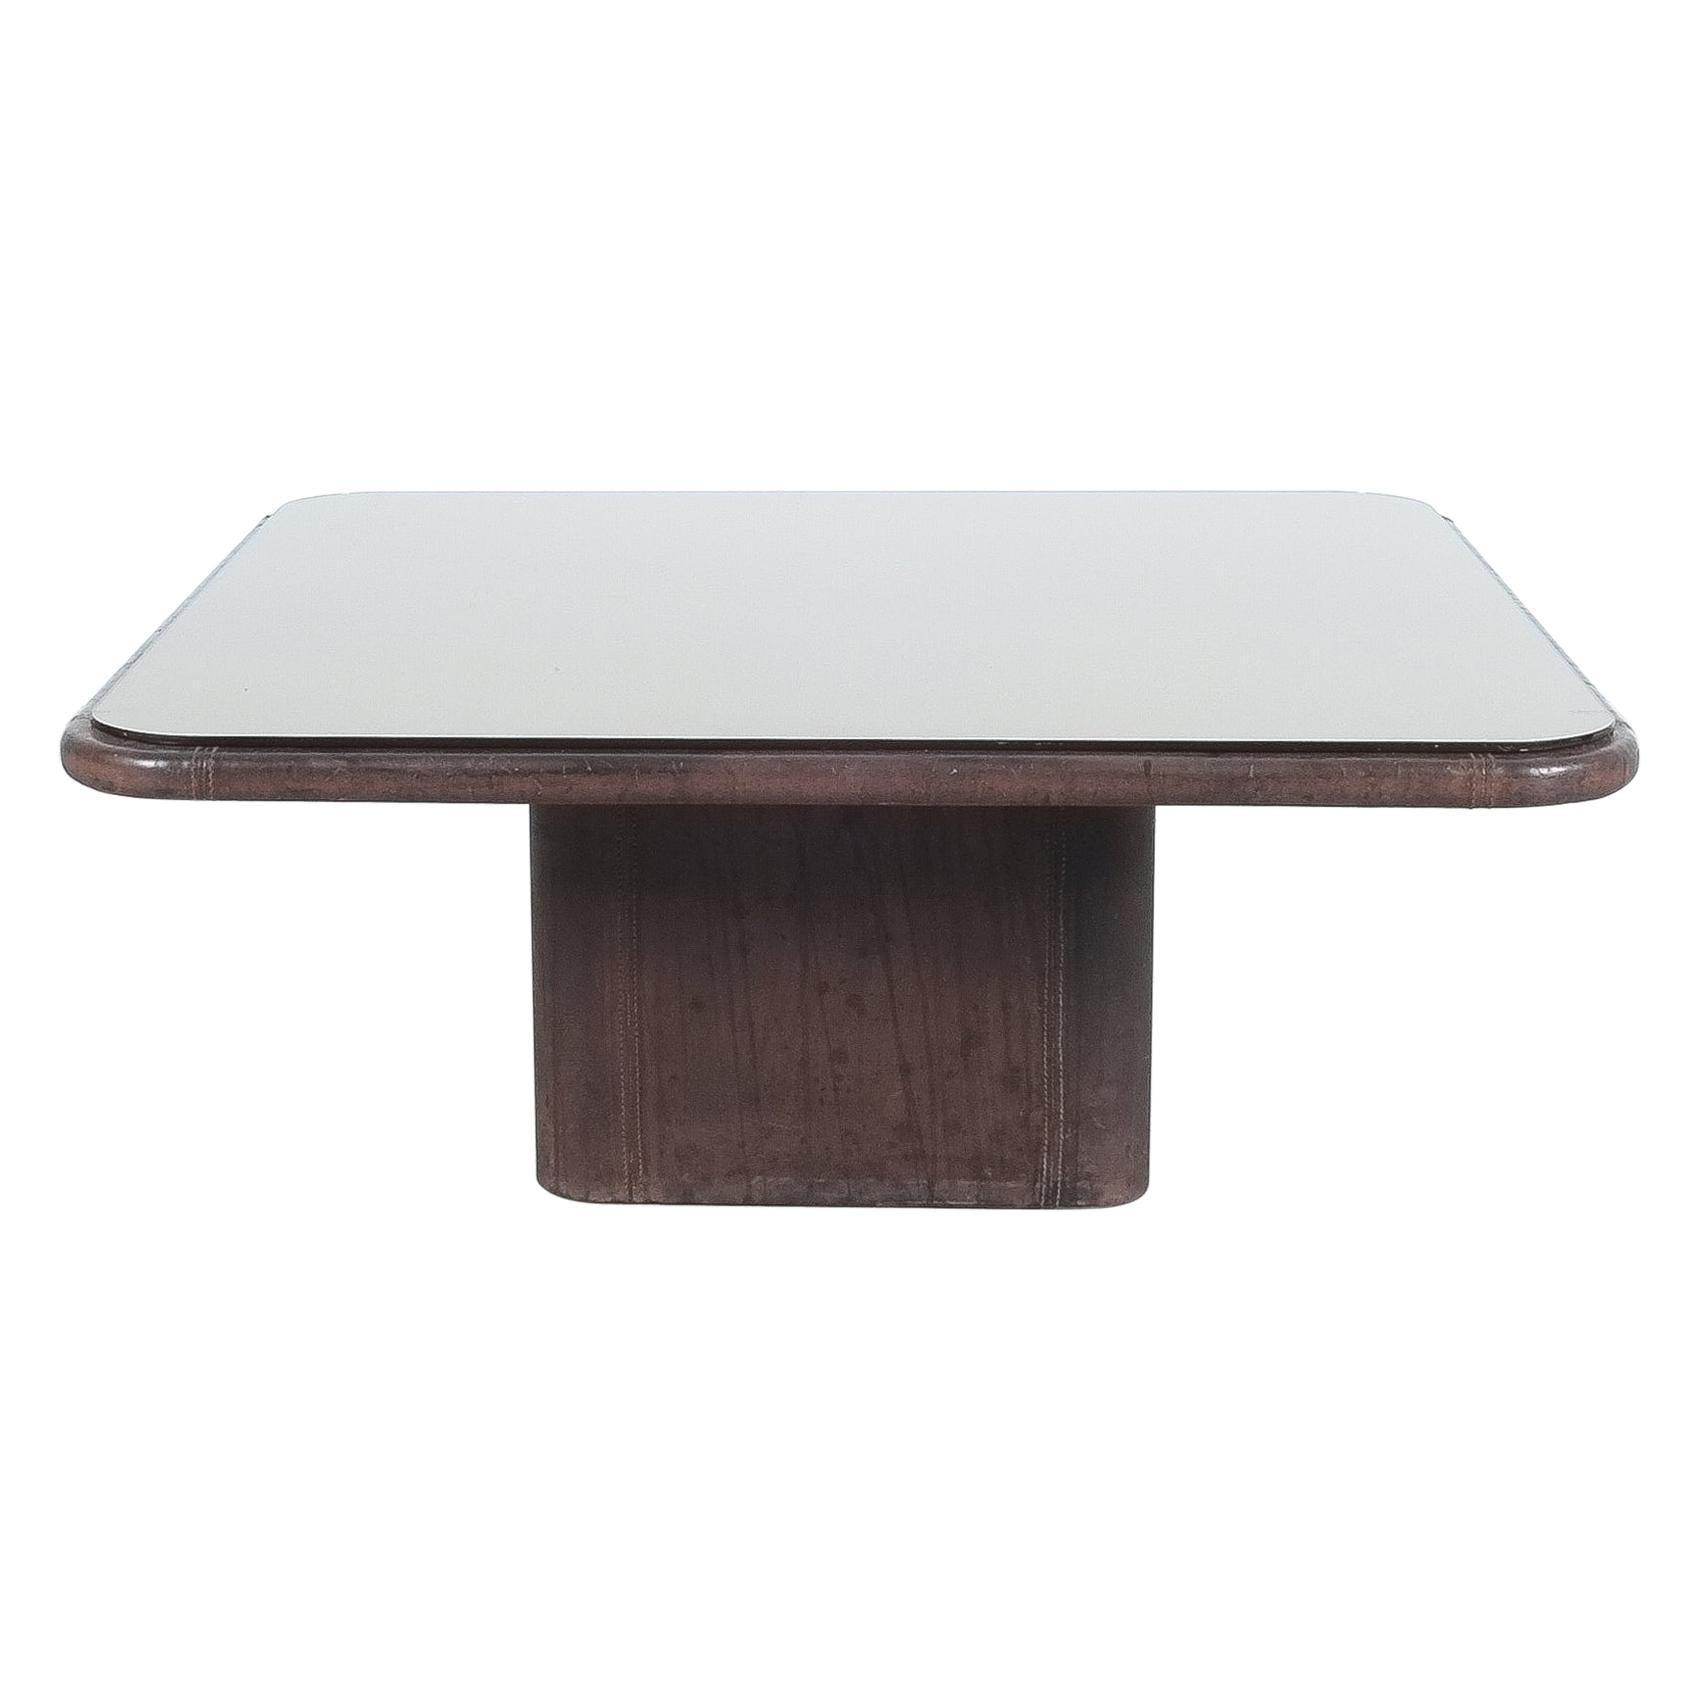 De Sede Table DS 47 Square Coffee Table Leather Bronze Mirror, Circa 1970